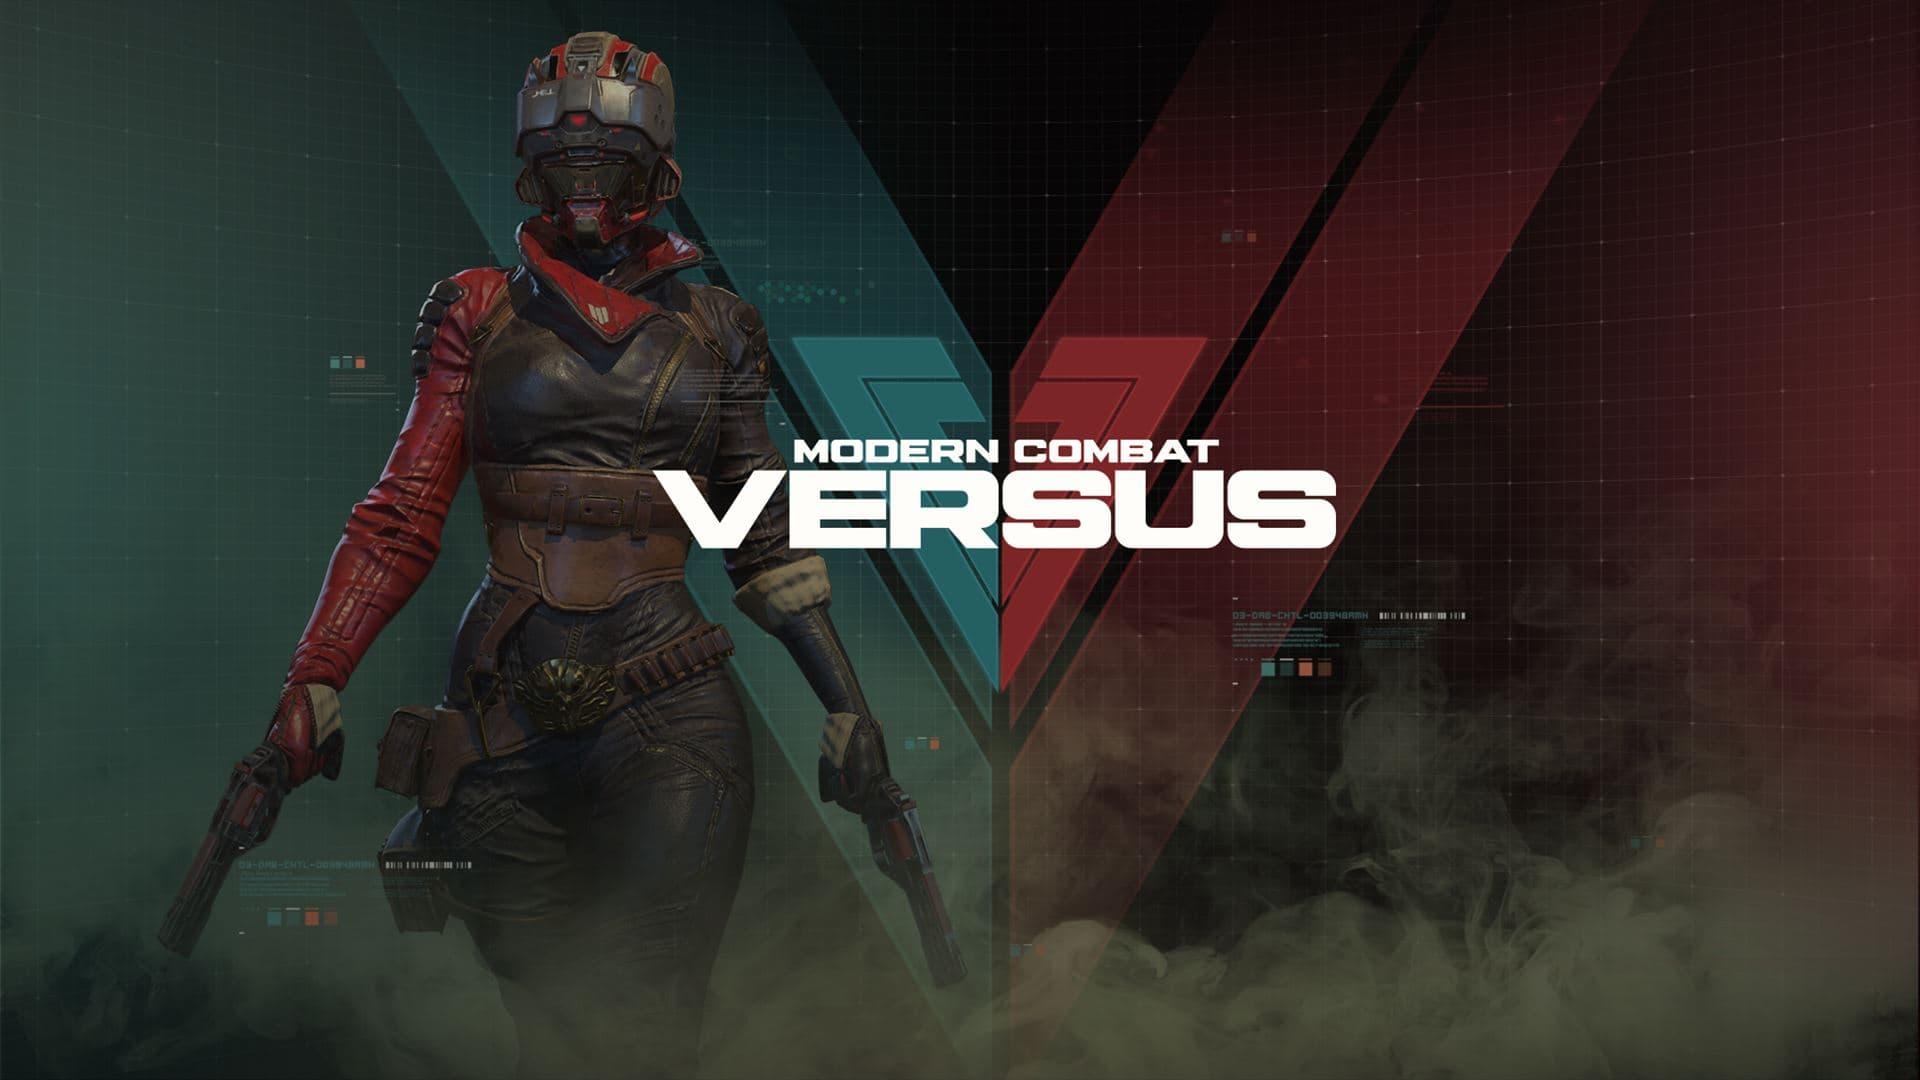 modern-combat-versus-android-ios-pre-registro-tap-tap Modern Combat Versus: novo trailer detalha a história do jogo